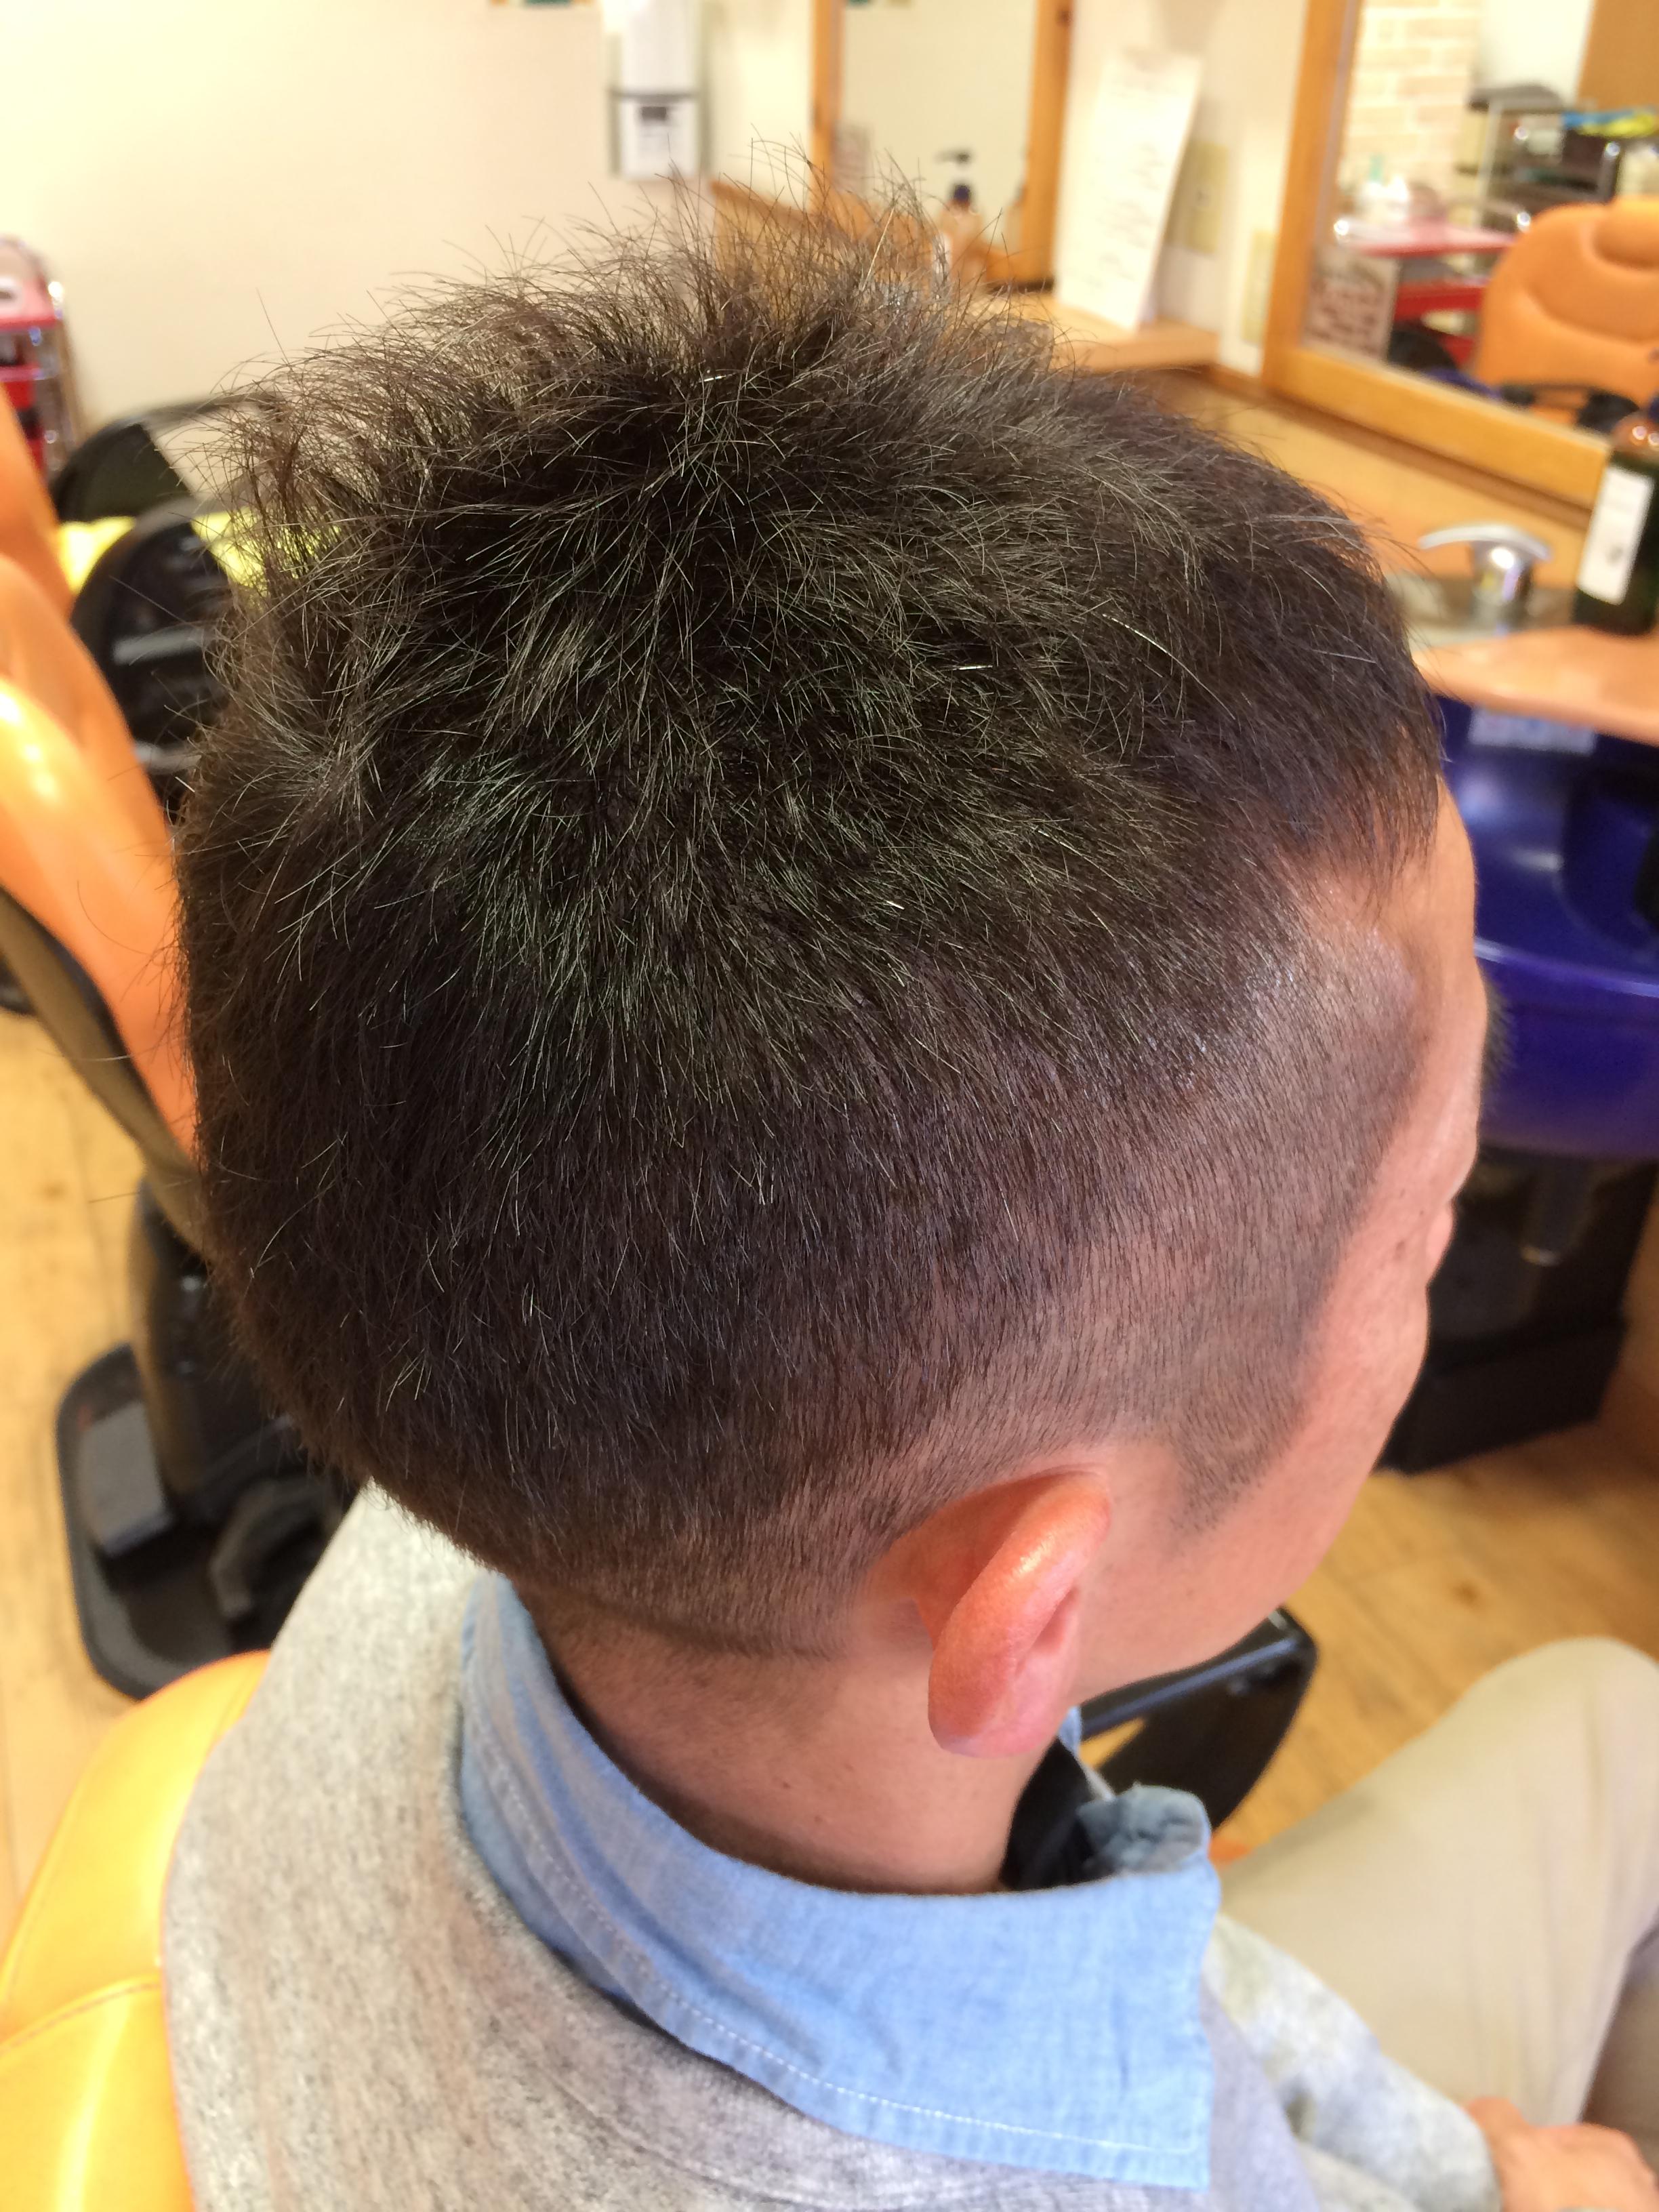 アフター 欧米人風ハーブカラー  男性ショートヘア 白髪10%